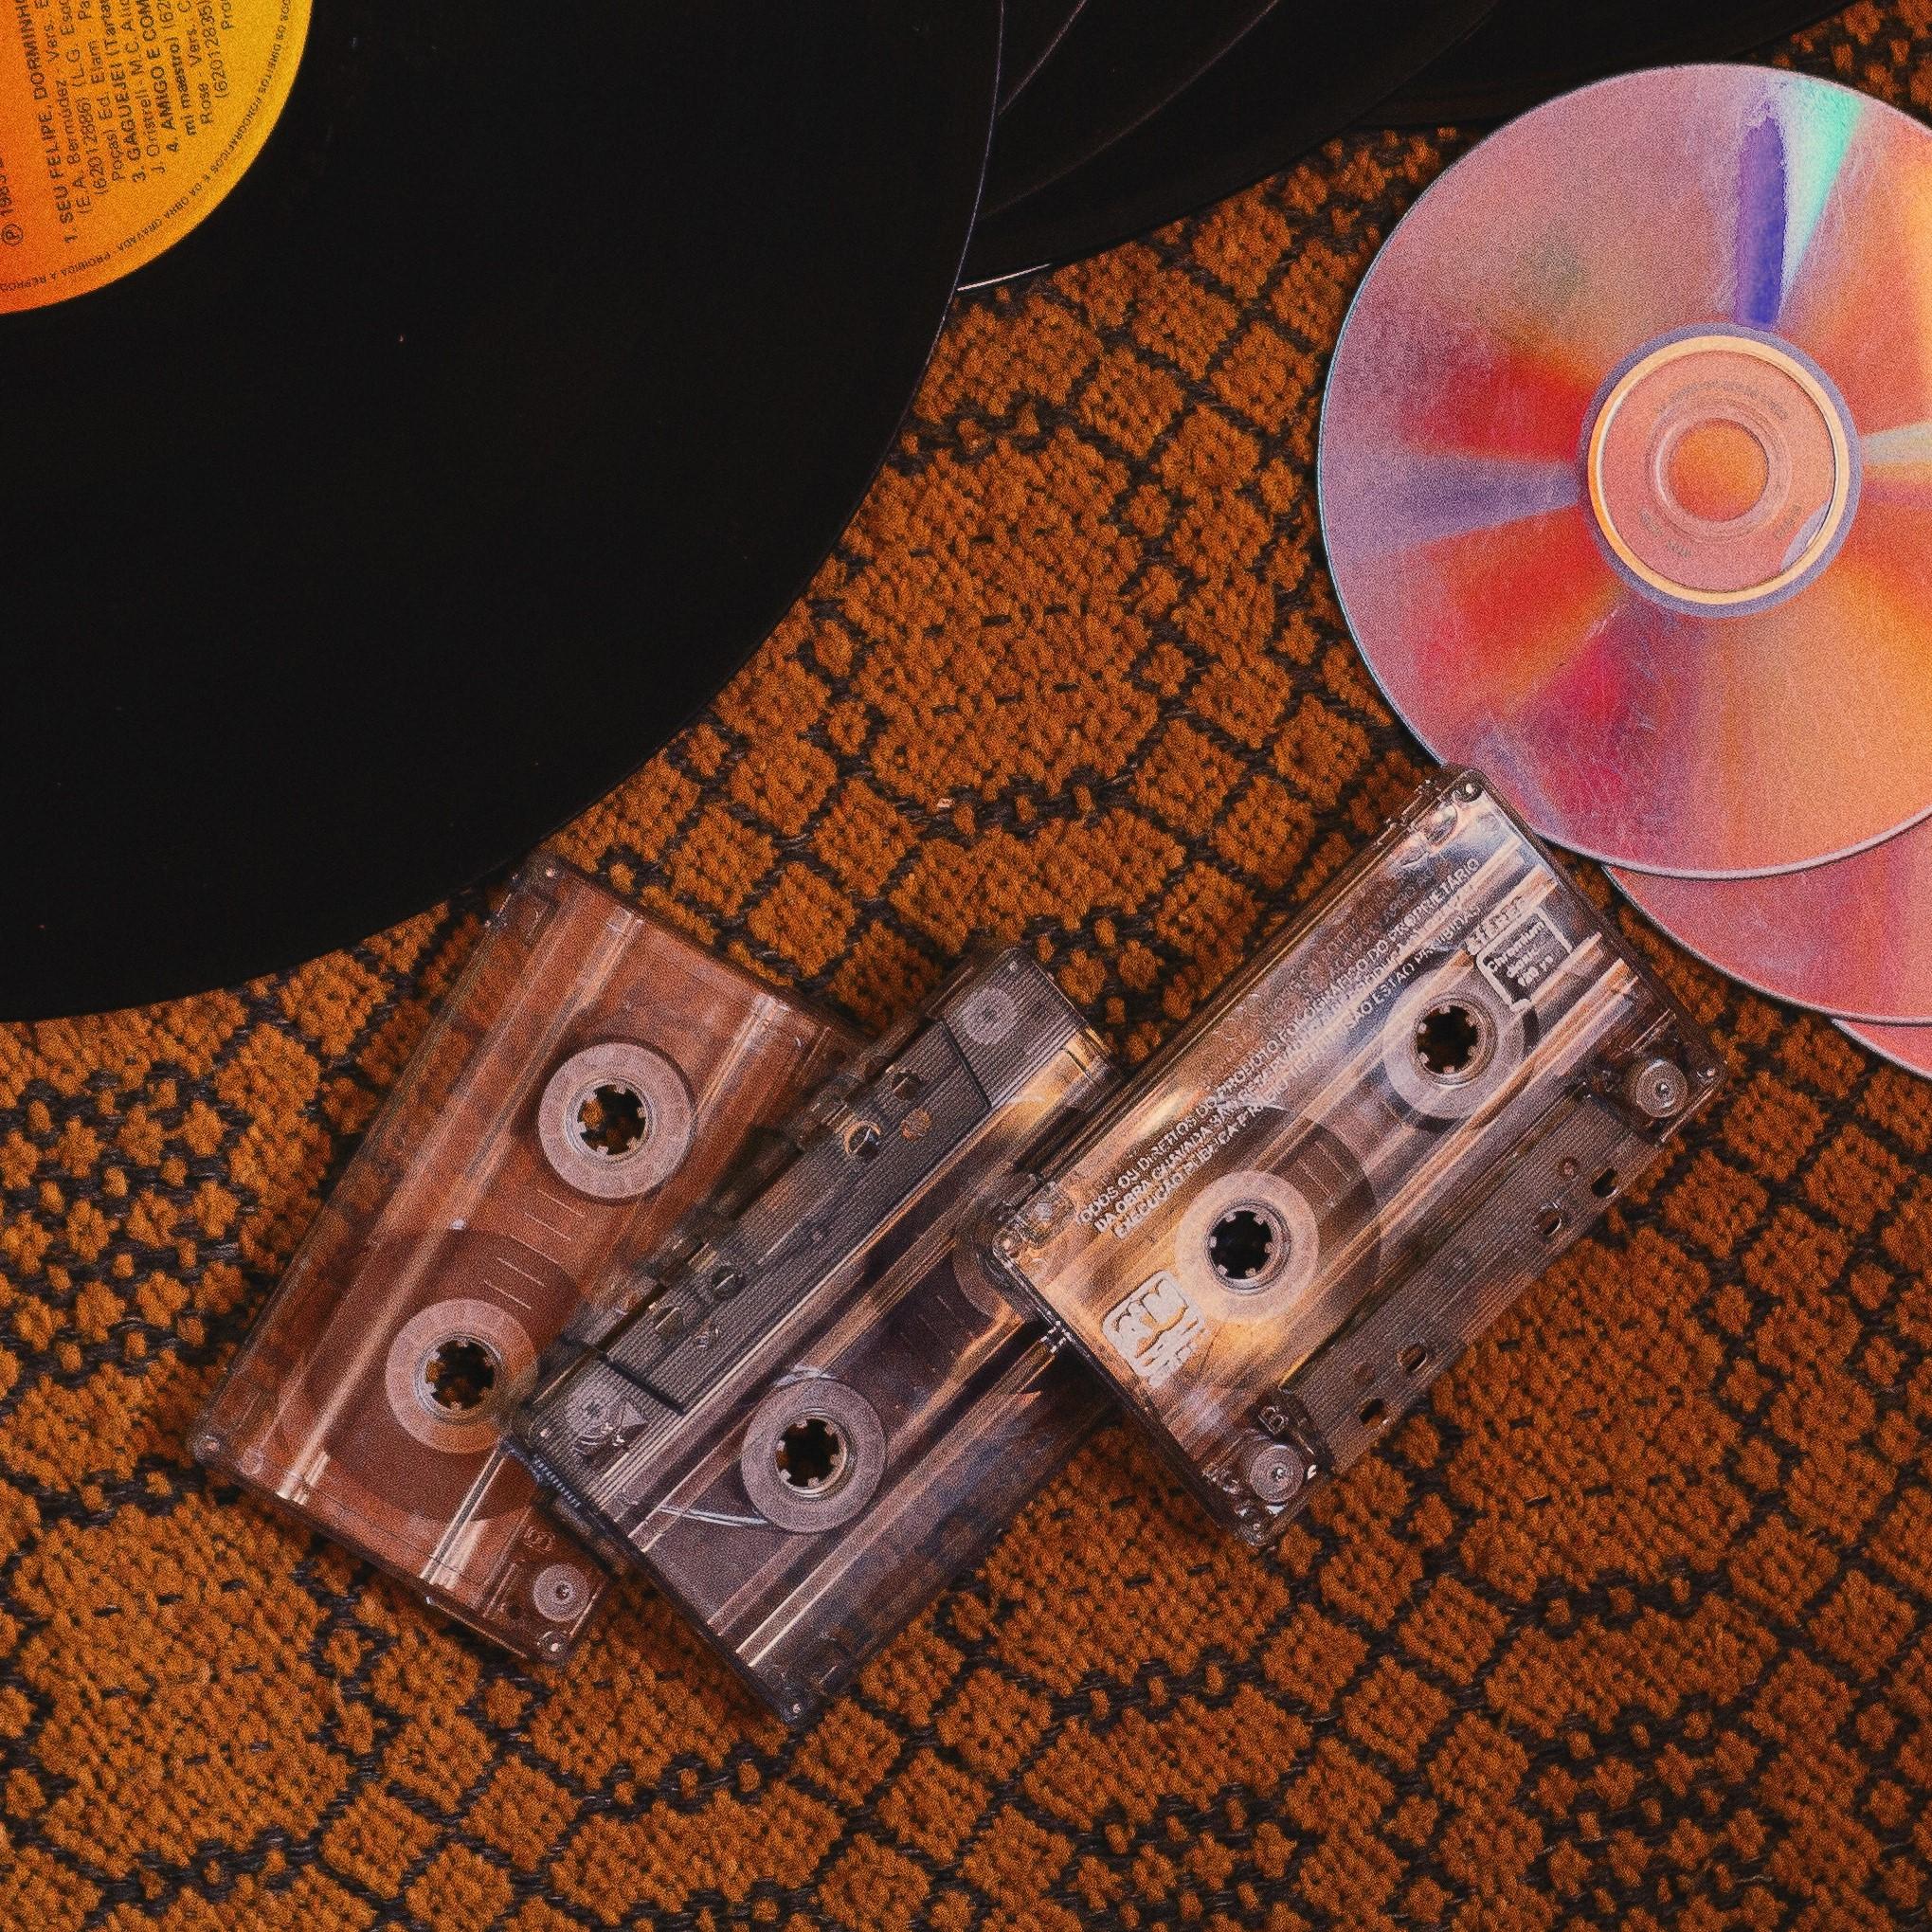 Mised mdeia: vinyl, CD and cassette tape